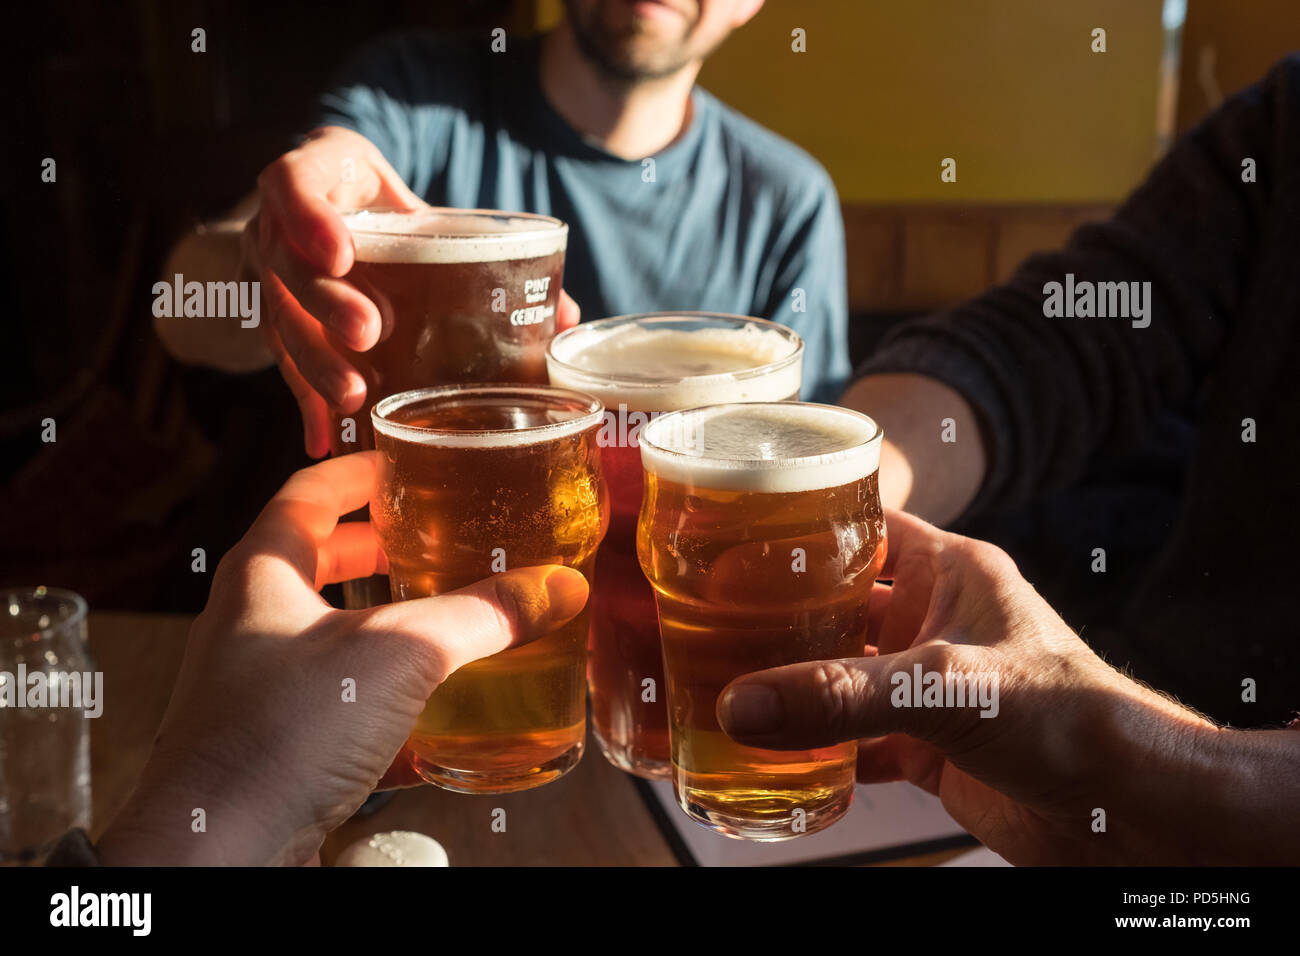 Eine Gruppe von vier klirren Gläser (2 Pints cask Ale und 2 halbe pints Apfelwein) und sagen Danke an die Black Bull Inn in Frosterley, County Durham, UK. Stockbild